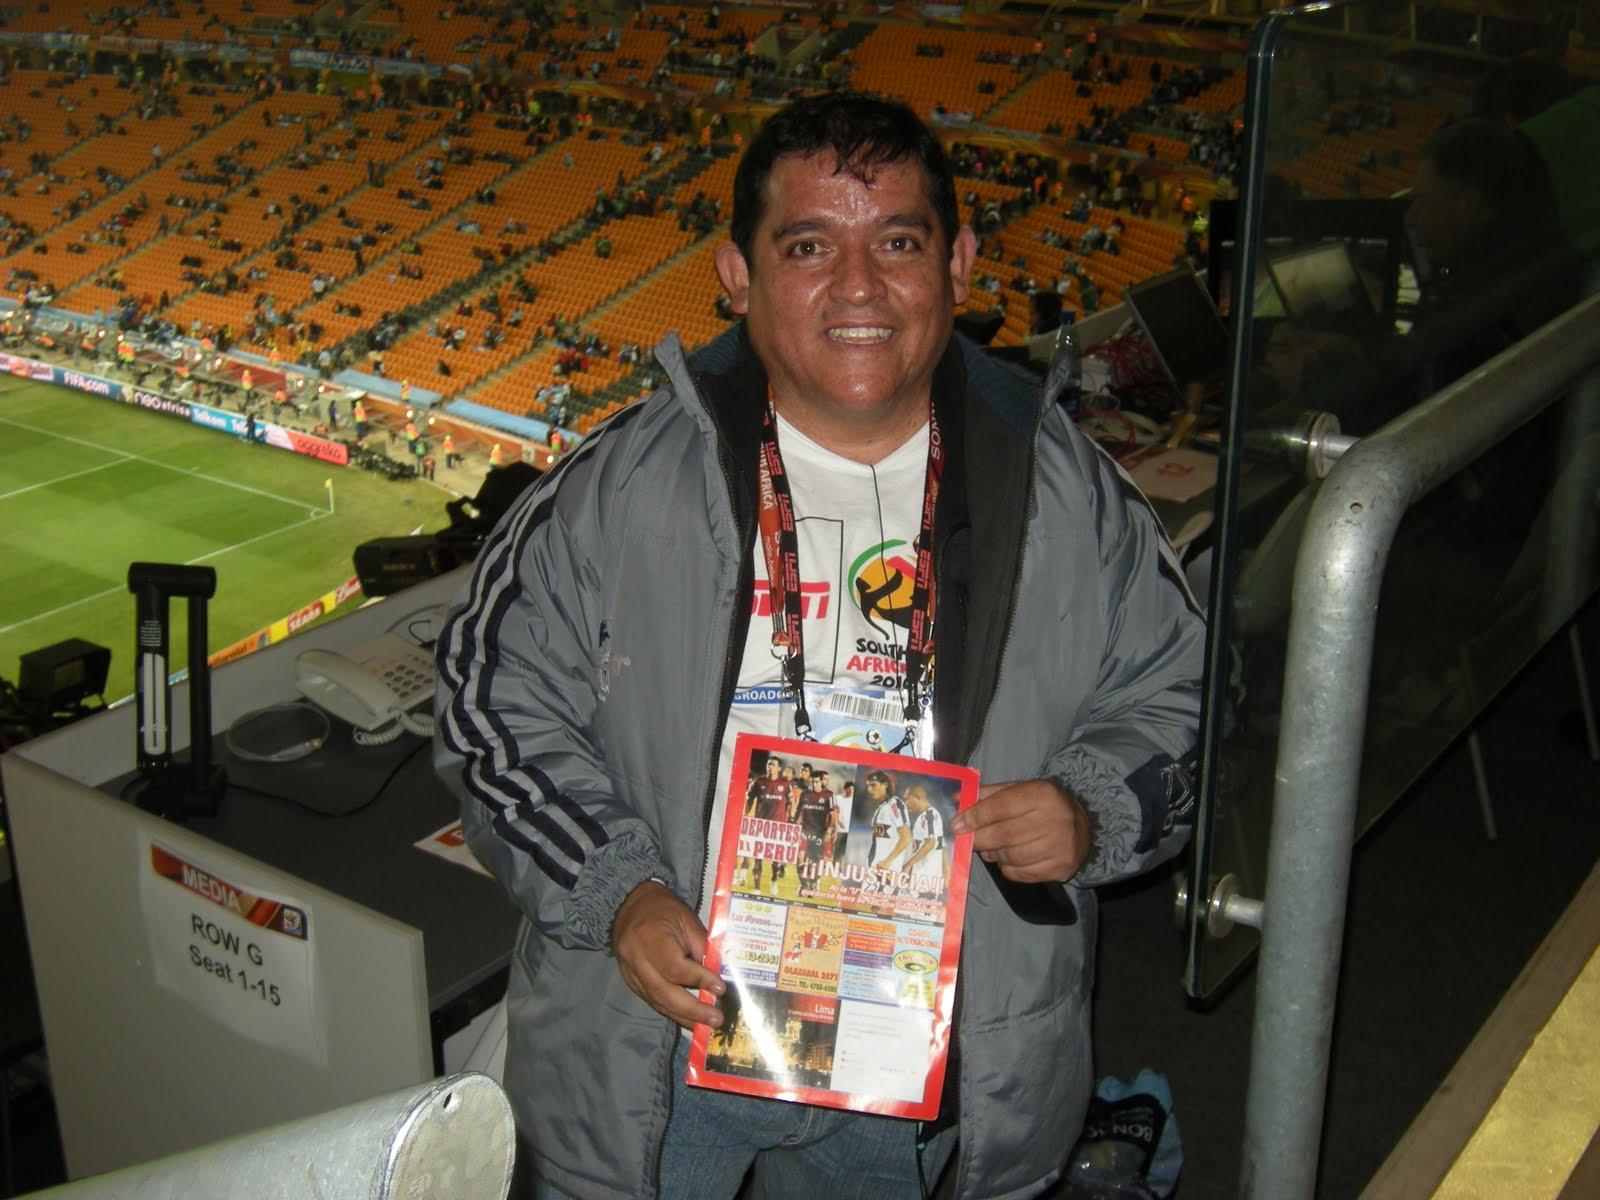 periodista peruano, amenazas de muerte, revelar caso de doping, Paolo Guerrero, Selección de Perú, Pierre Manrique, Eliminatorias mundialistas, Rusia 2018